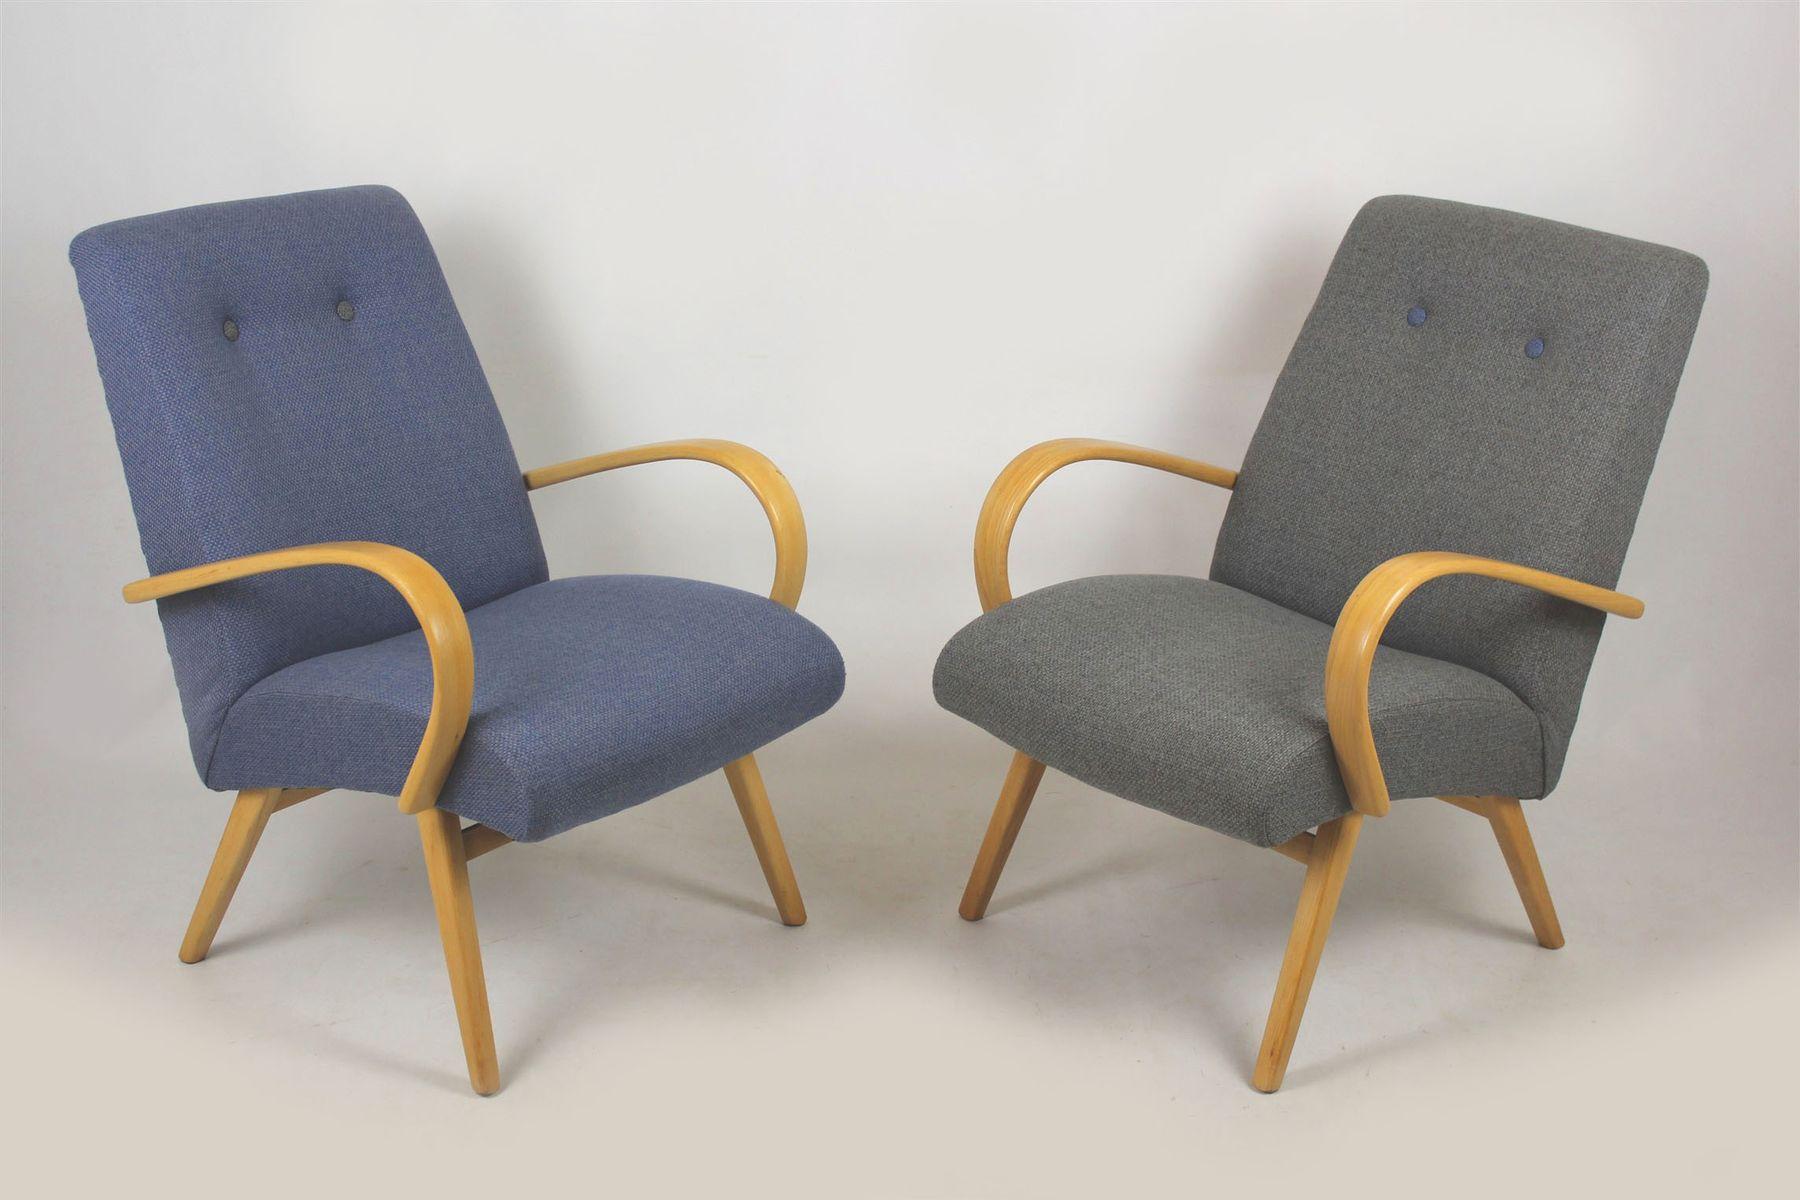 Mid-Century Sessel in Grau & Blau, 1960er, 2er Set